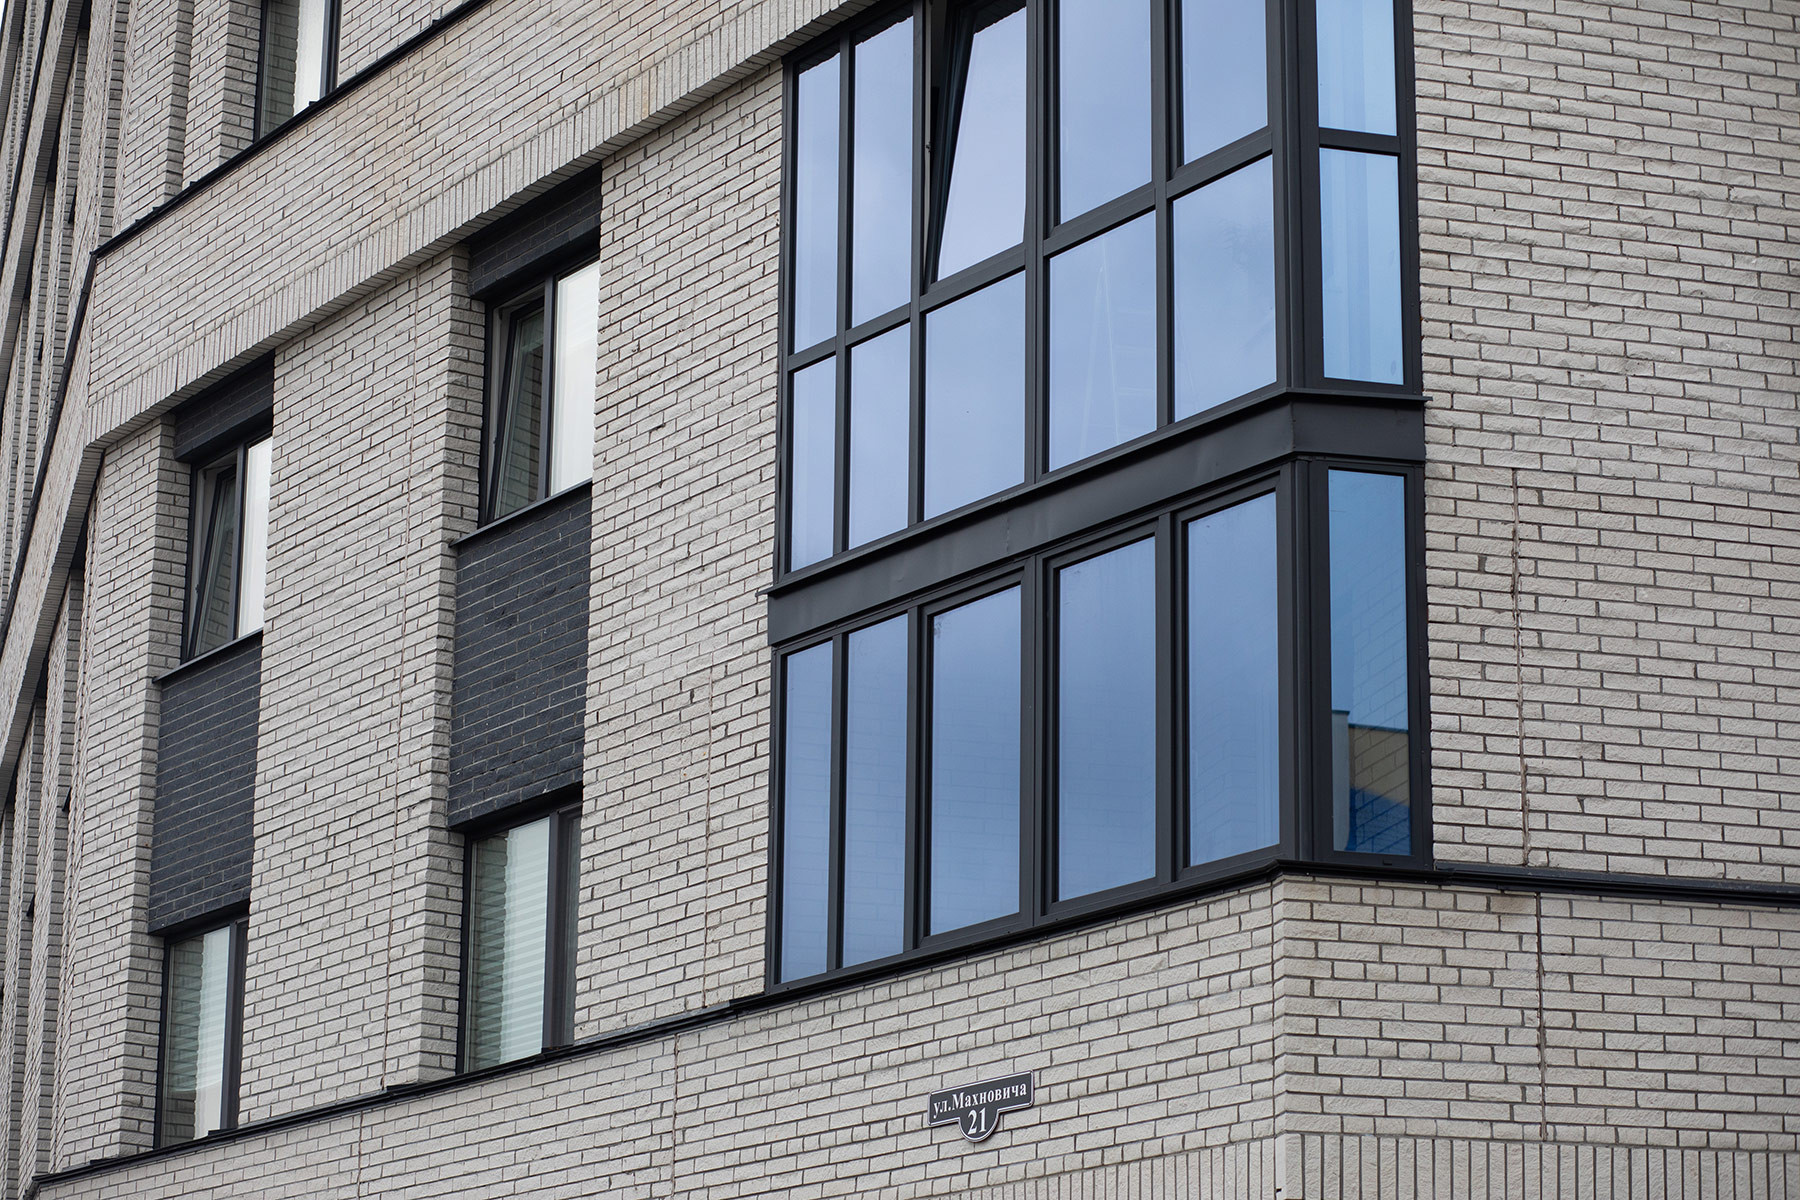 14-этажный жилой дом. Колотый белый и серый кирпич